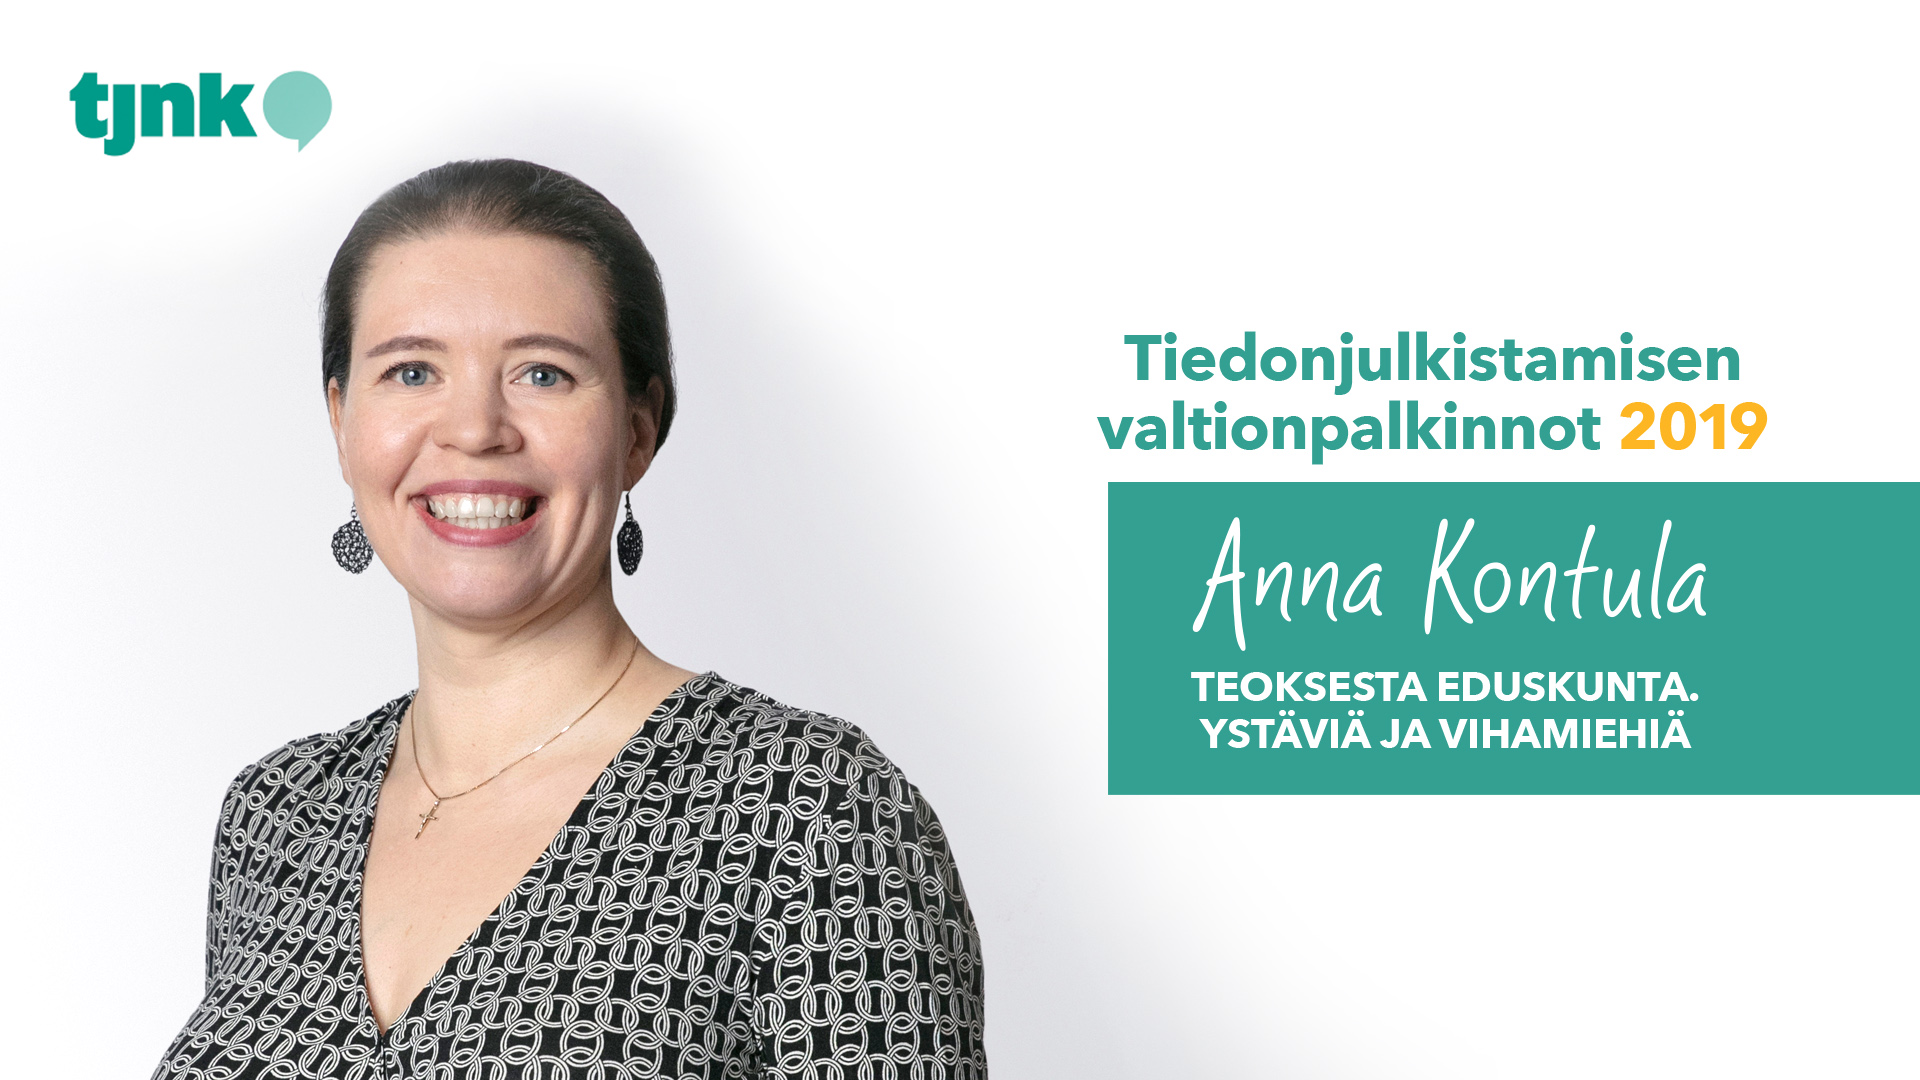 Tiedonjulkistamisen valtionpalkinnon 2019 saanut Anna Kontula.